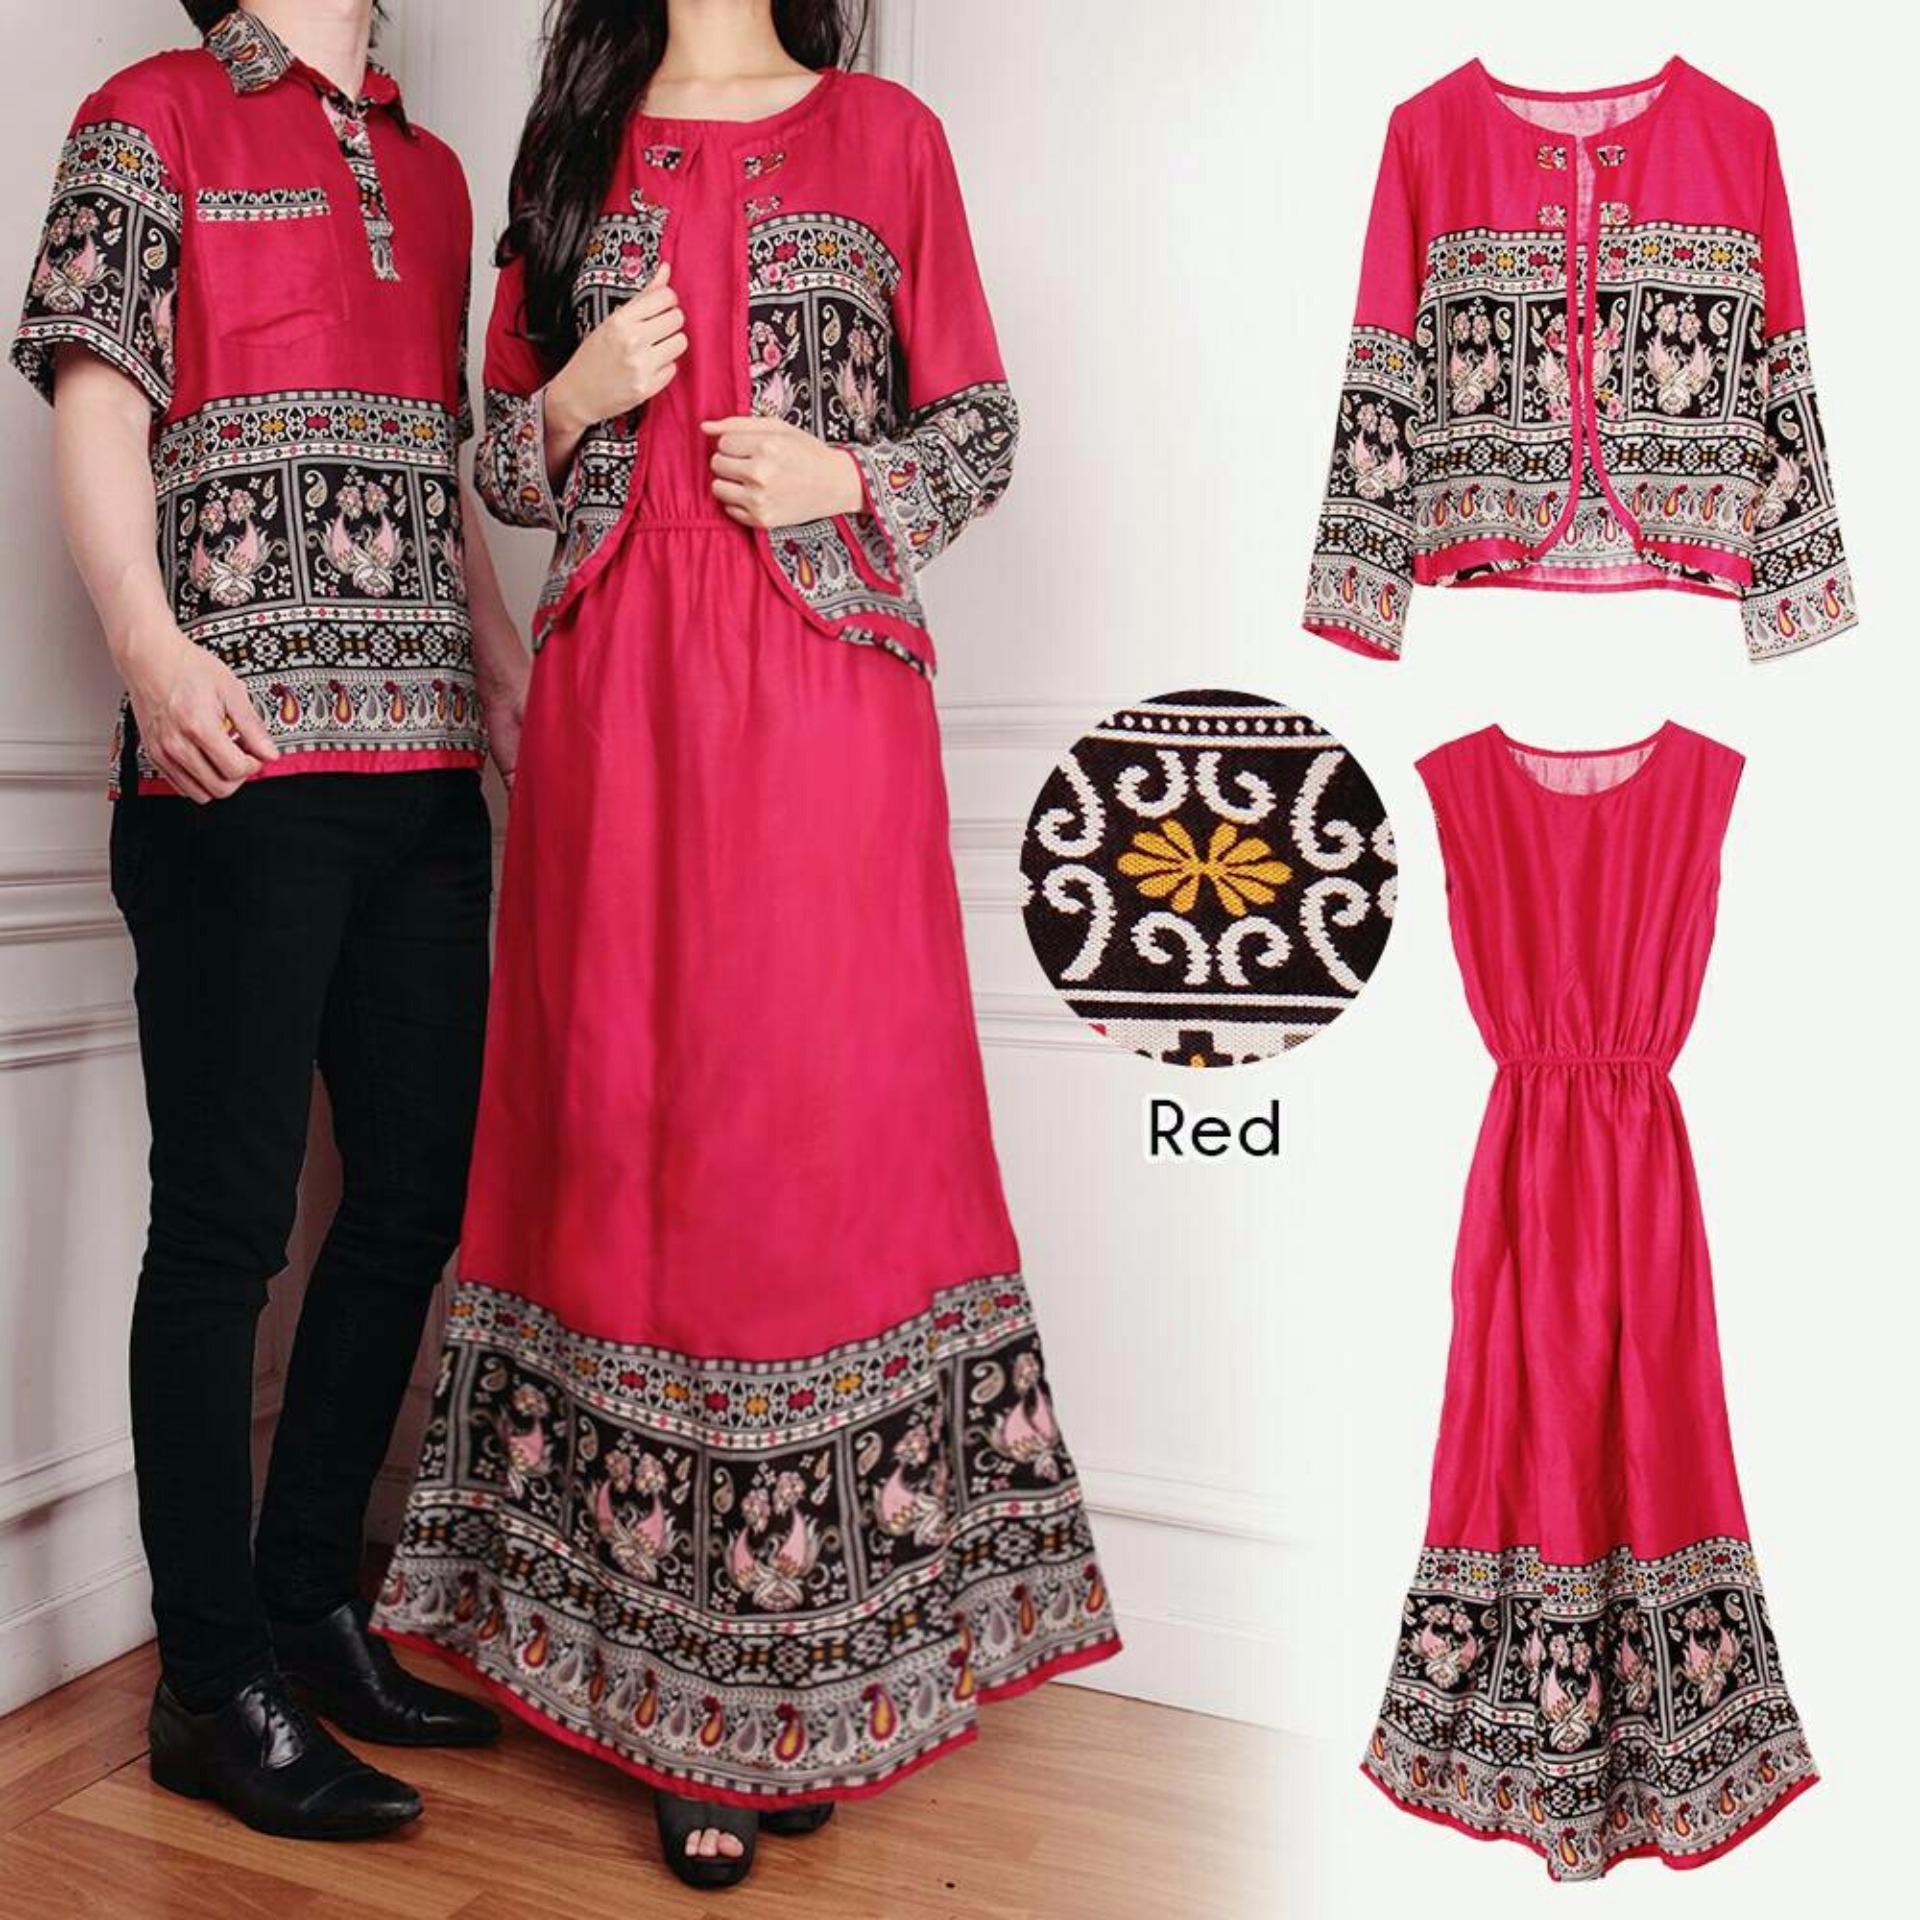 Xavier Couple Eva 3in1 Merah Couple Kemeja Baju Batik Pria Couple / Gamis Muslim / Kebaya Dress Wanita / Set Muslim / setelan baju  muslim / kabaya pesta / kebaya modis